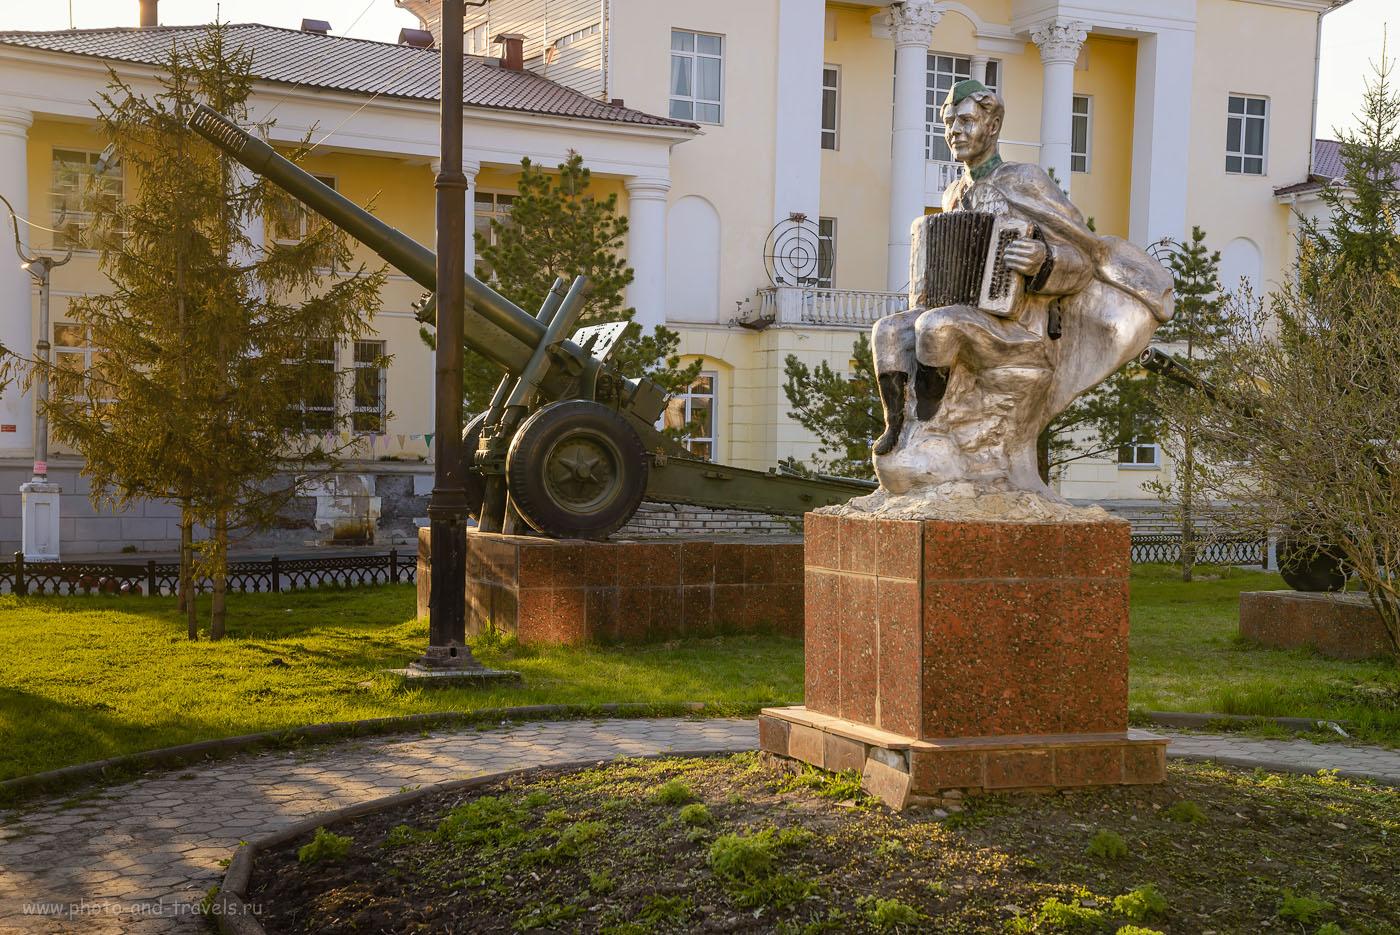 32. Монумента в парке Сатки напротив комплекса «Сонькина лагуна». 1/125, -0.33, 6.3, 200, 48.